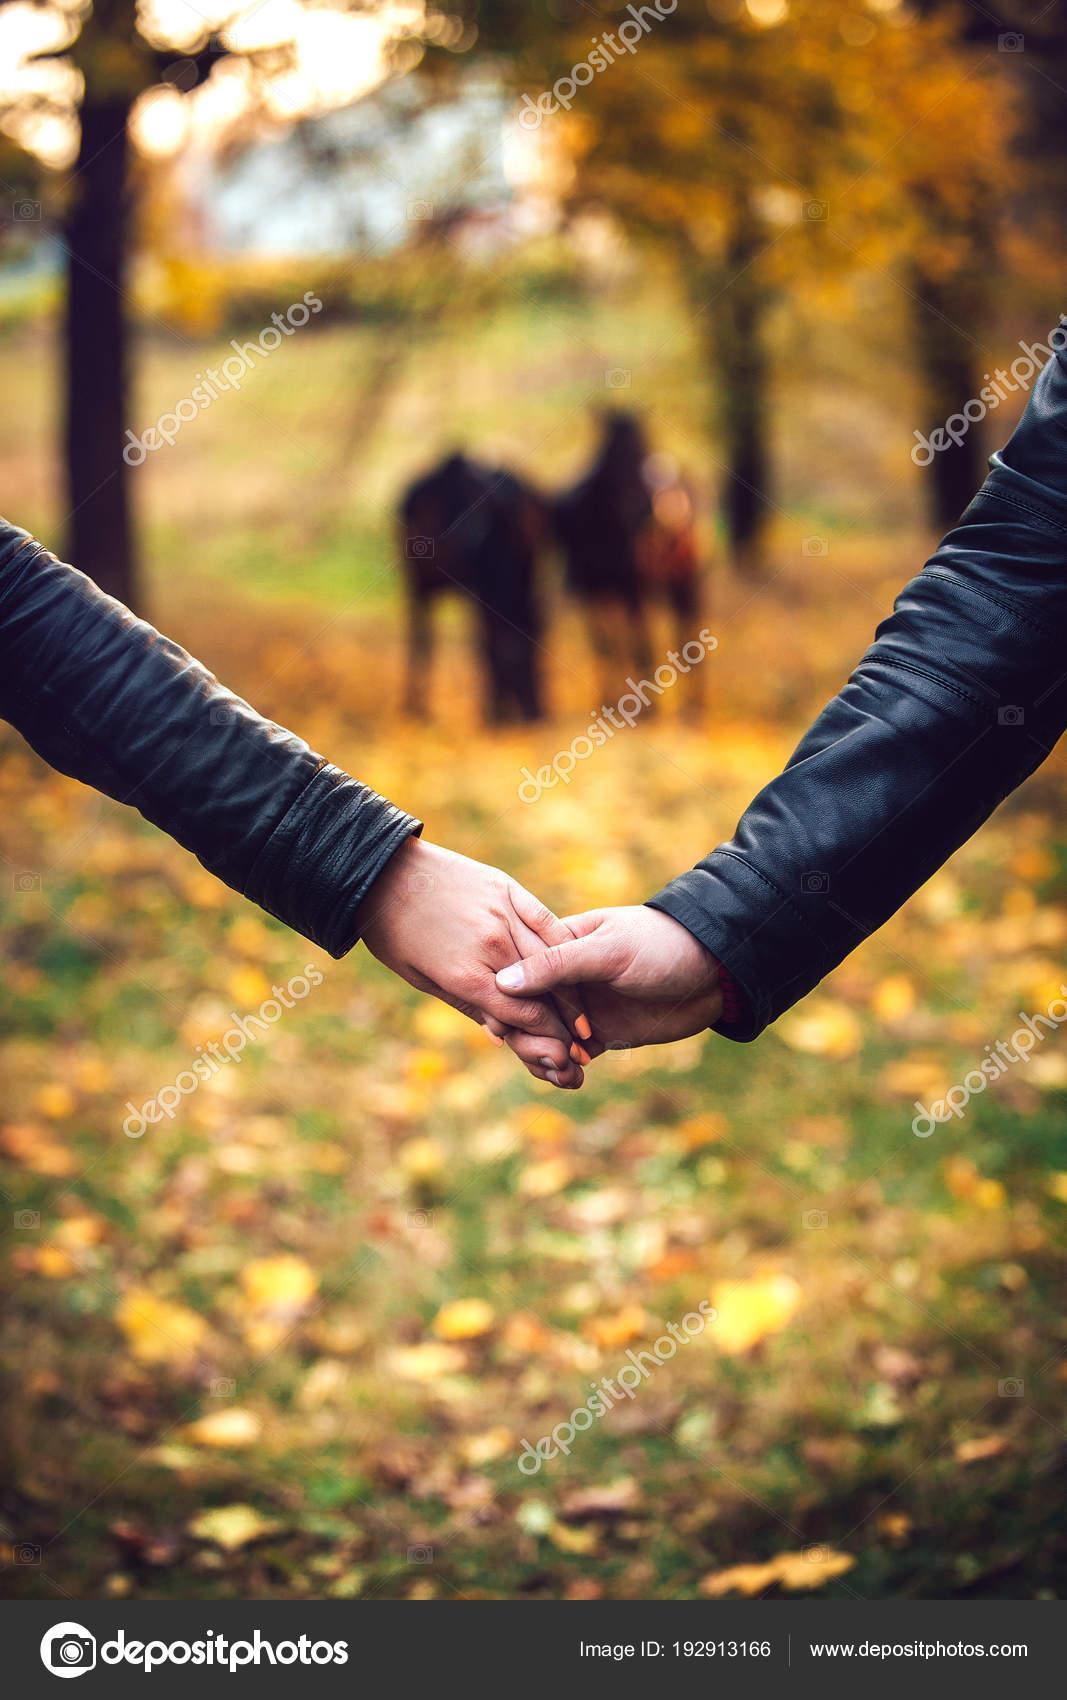 Pár Drží Svých Rukou Datum Parku Podzim Pozadí Koní — Stock fotografie b290ba551b